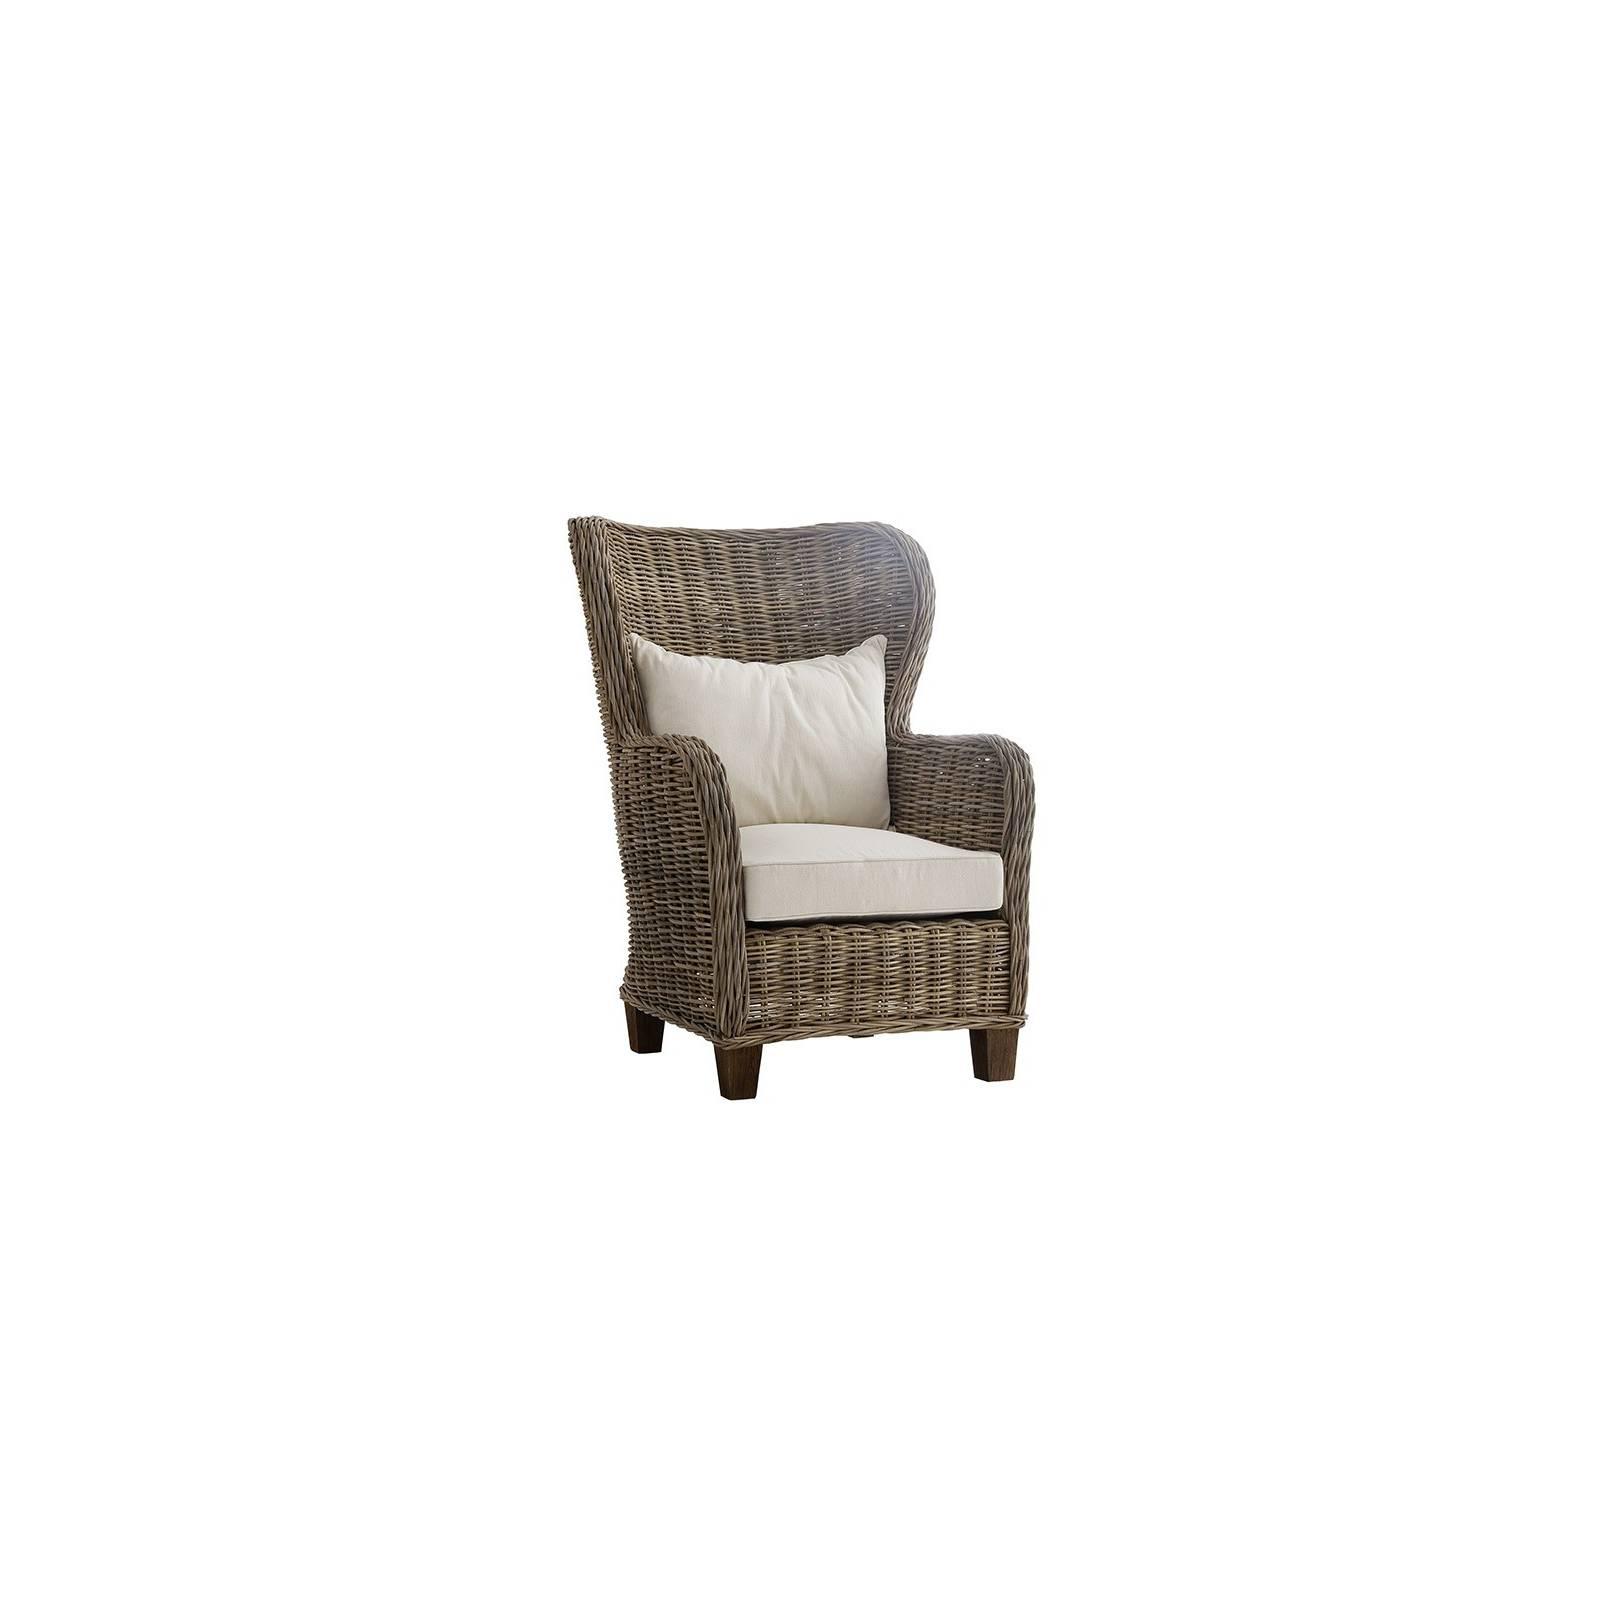 Fauteuil Majestic Kobo Rotin - fauteuil en rotin